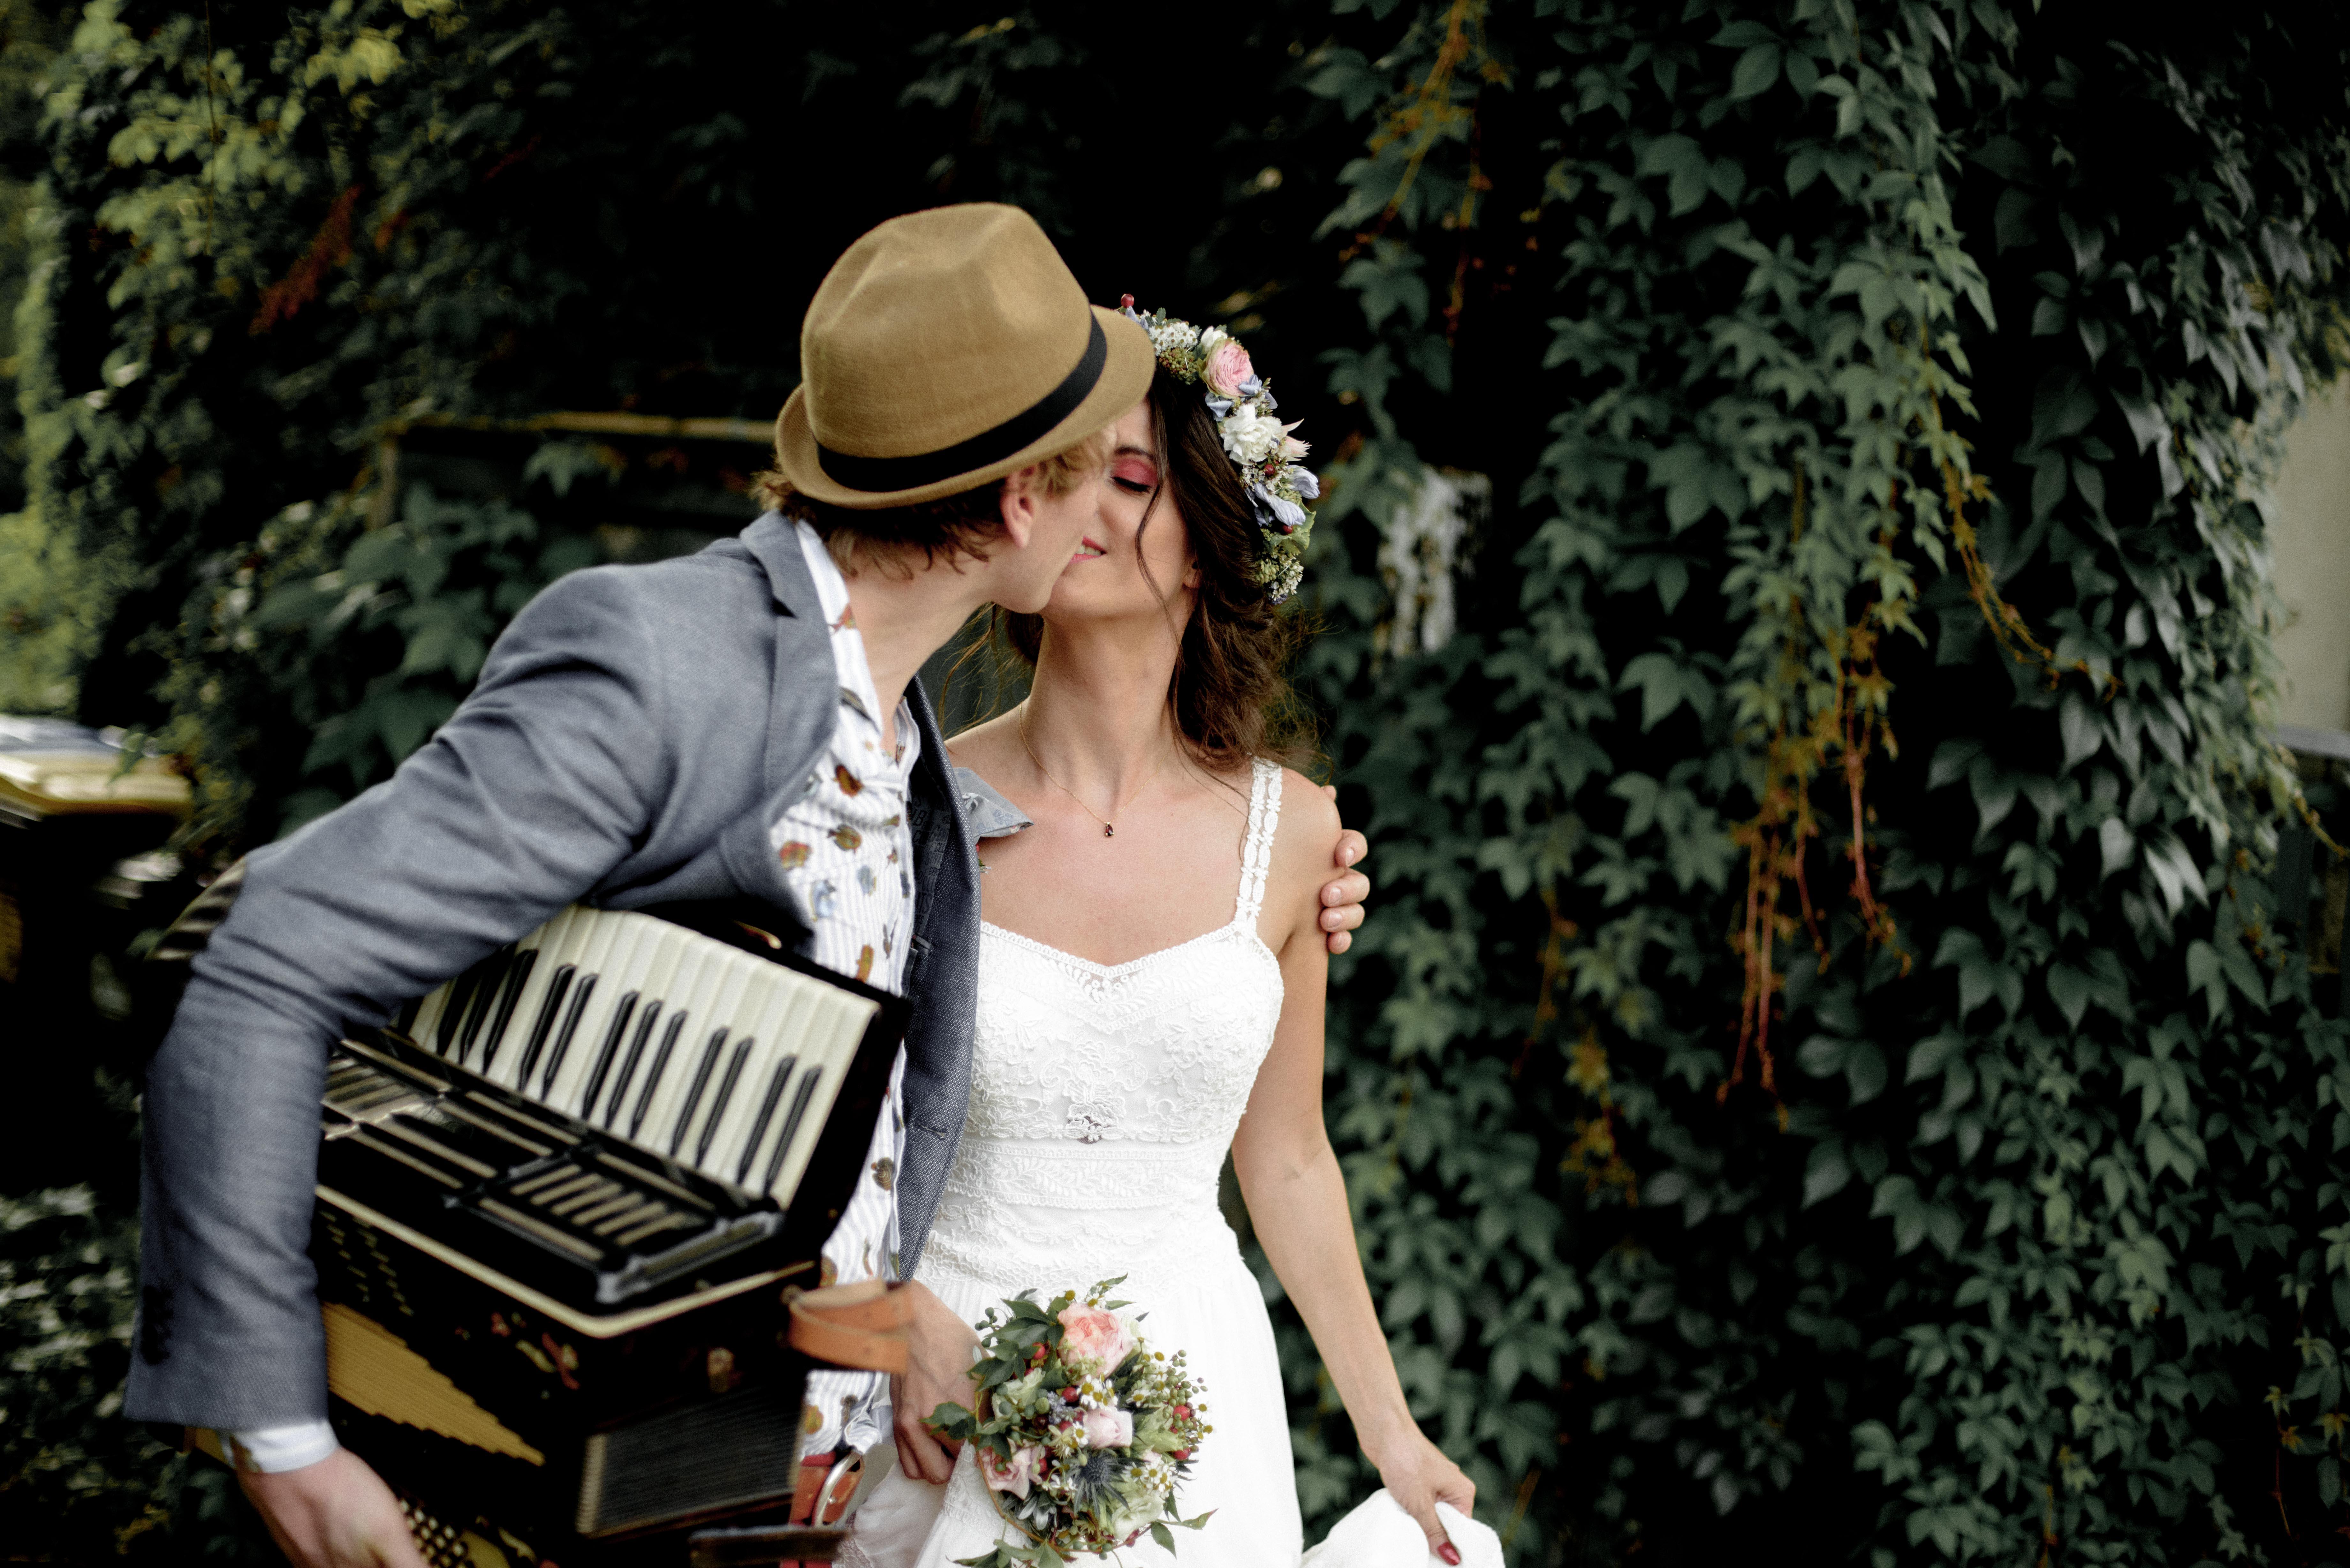 Tamina und Jan - Bilder einer Hochzeit in der Kulturnhalle Leipzig - begleitet als Hochzeitsfotograf - von Dirk Brzoska Fotografie aus Leipzig